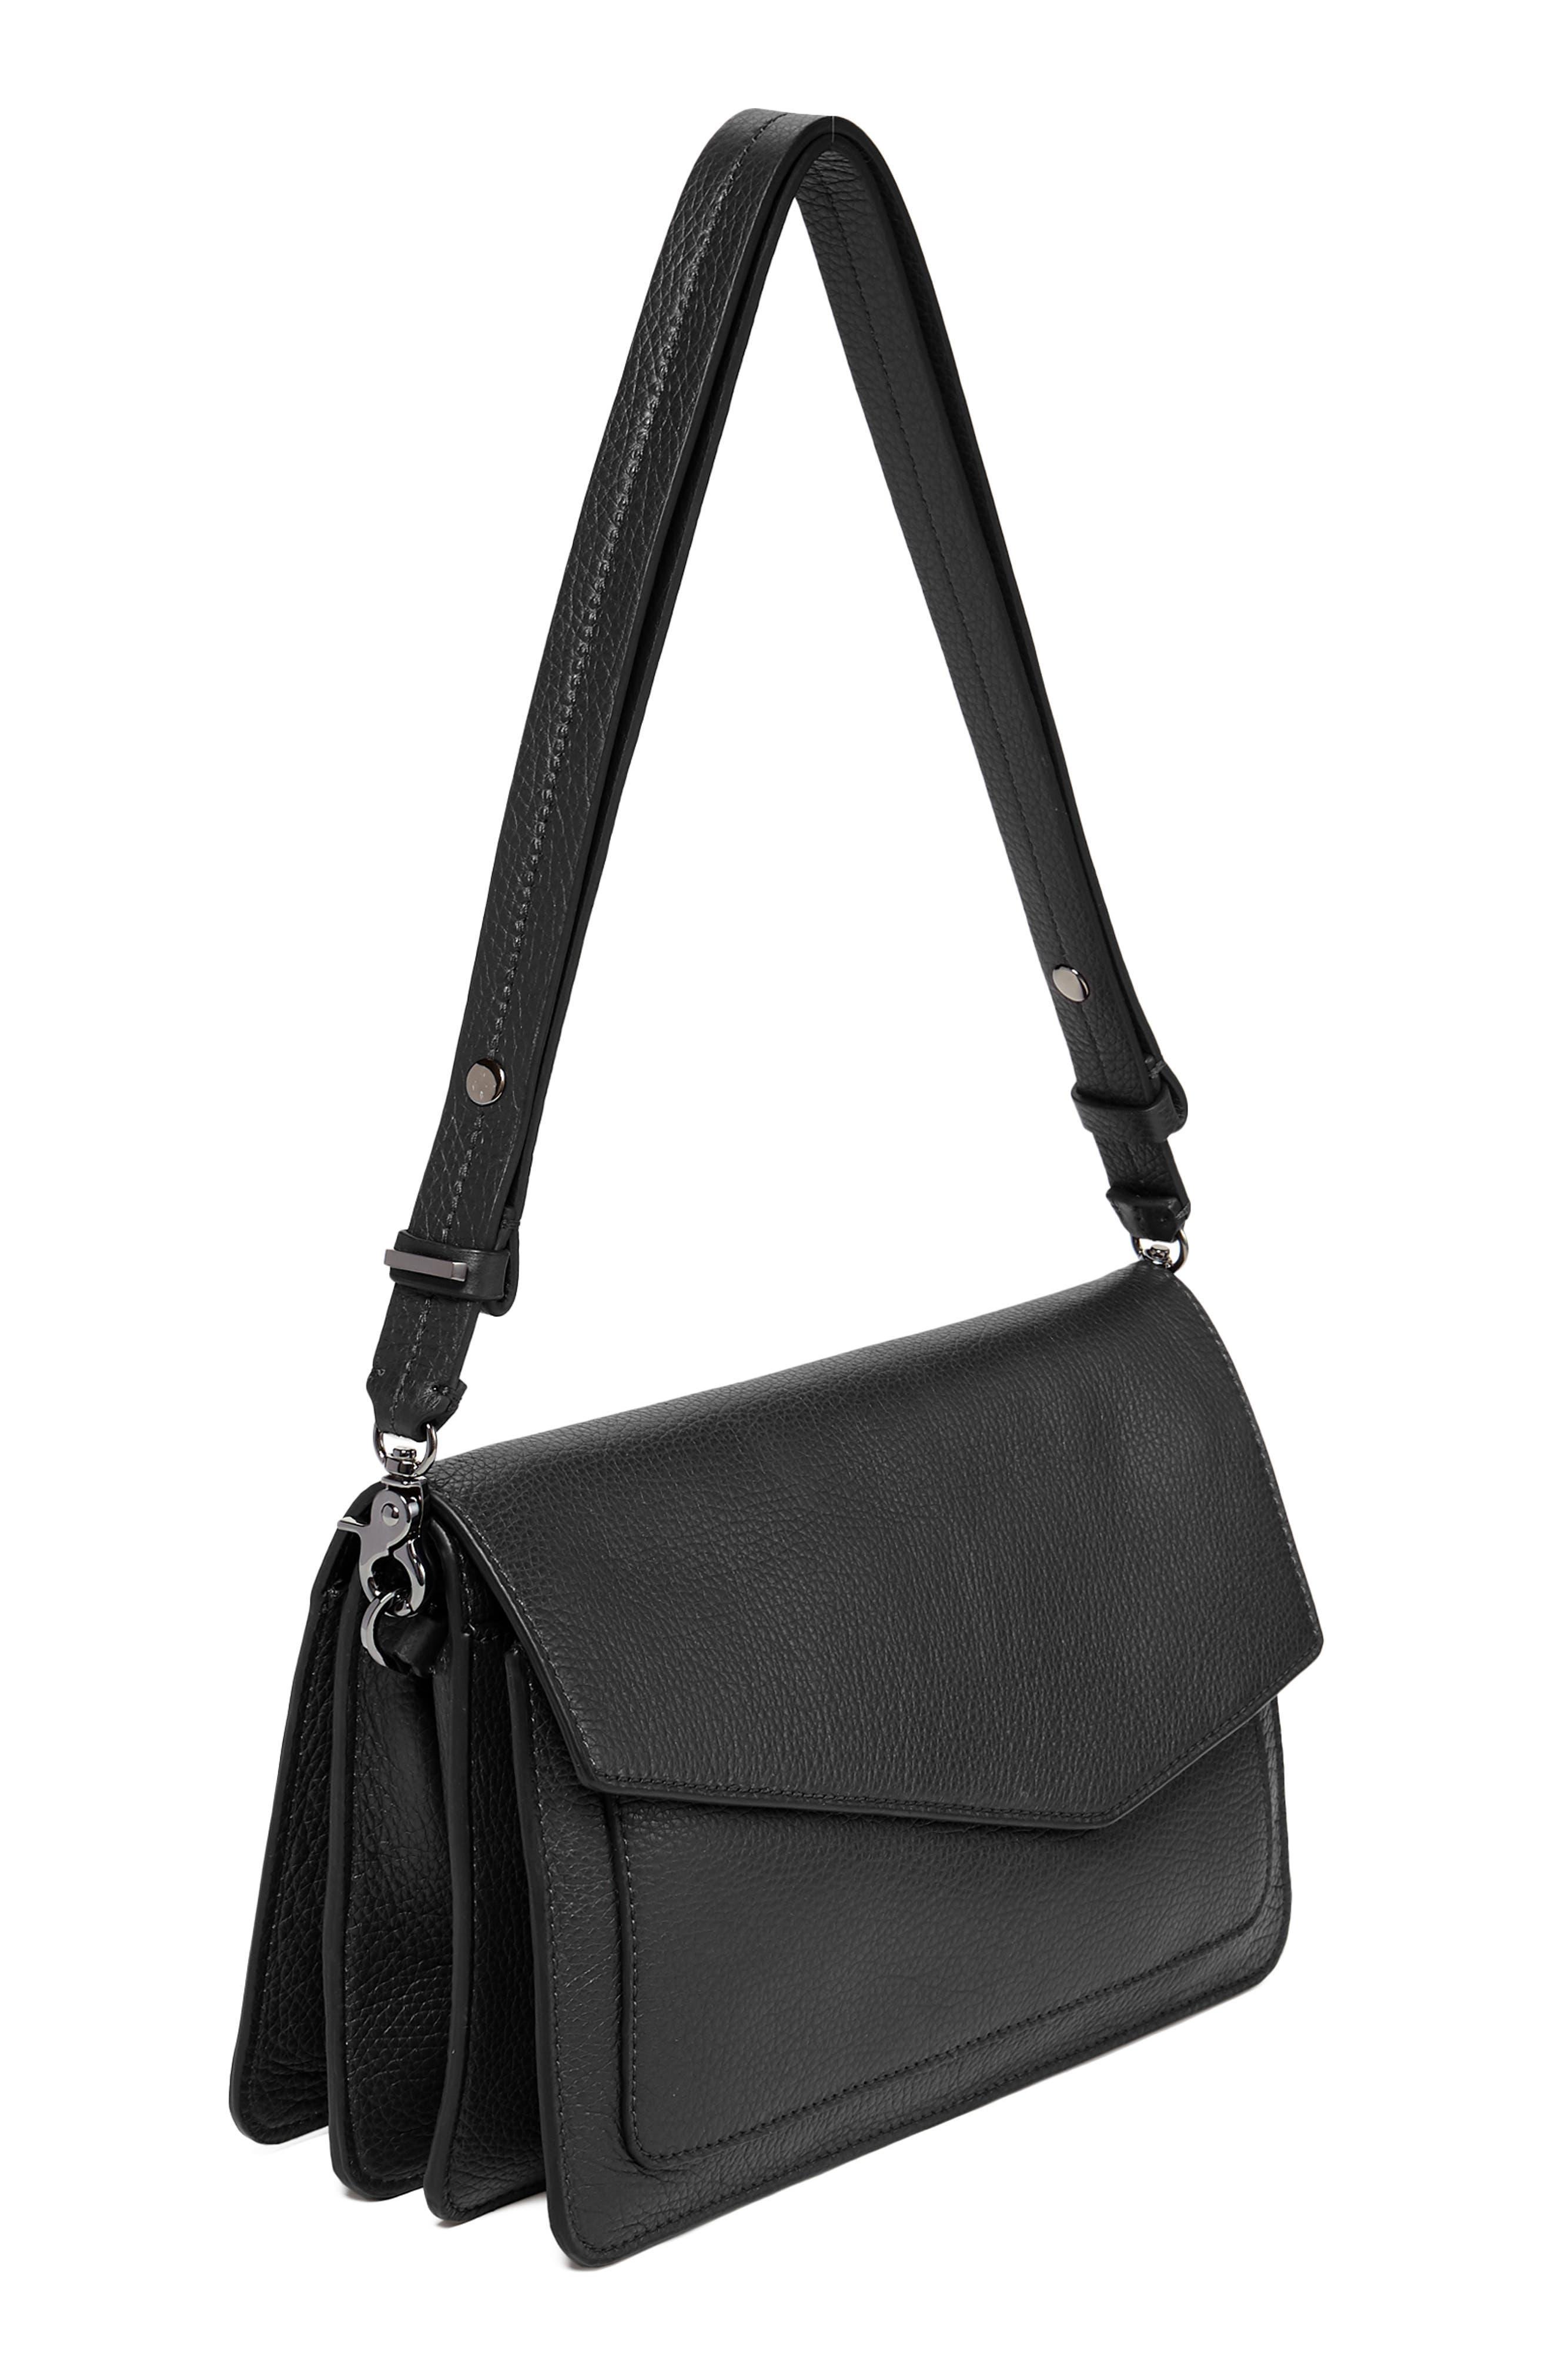 Cobble Hill Leather Shoulder Bag,                             Main thumbnail 1, color,                             BLACK